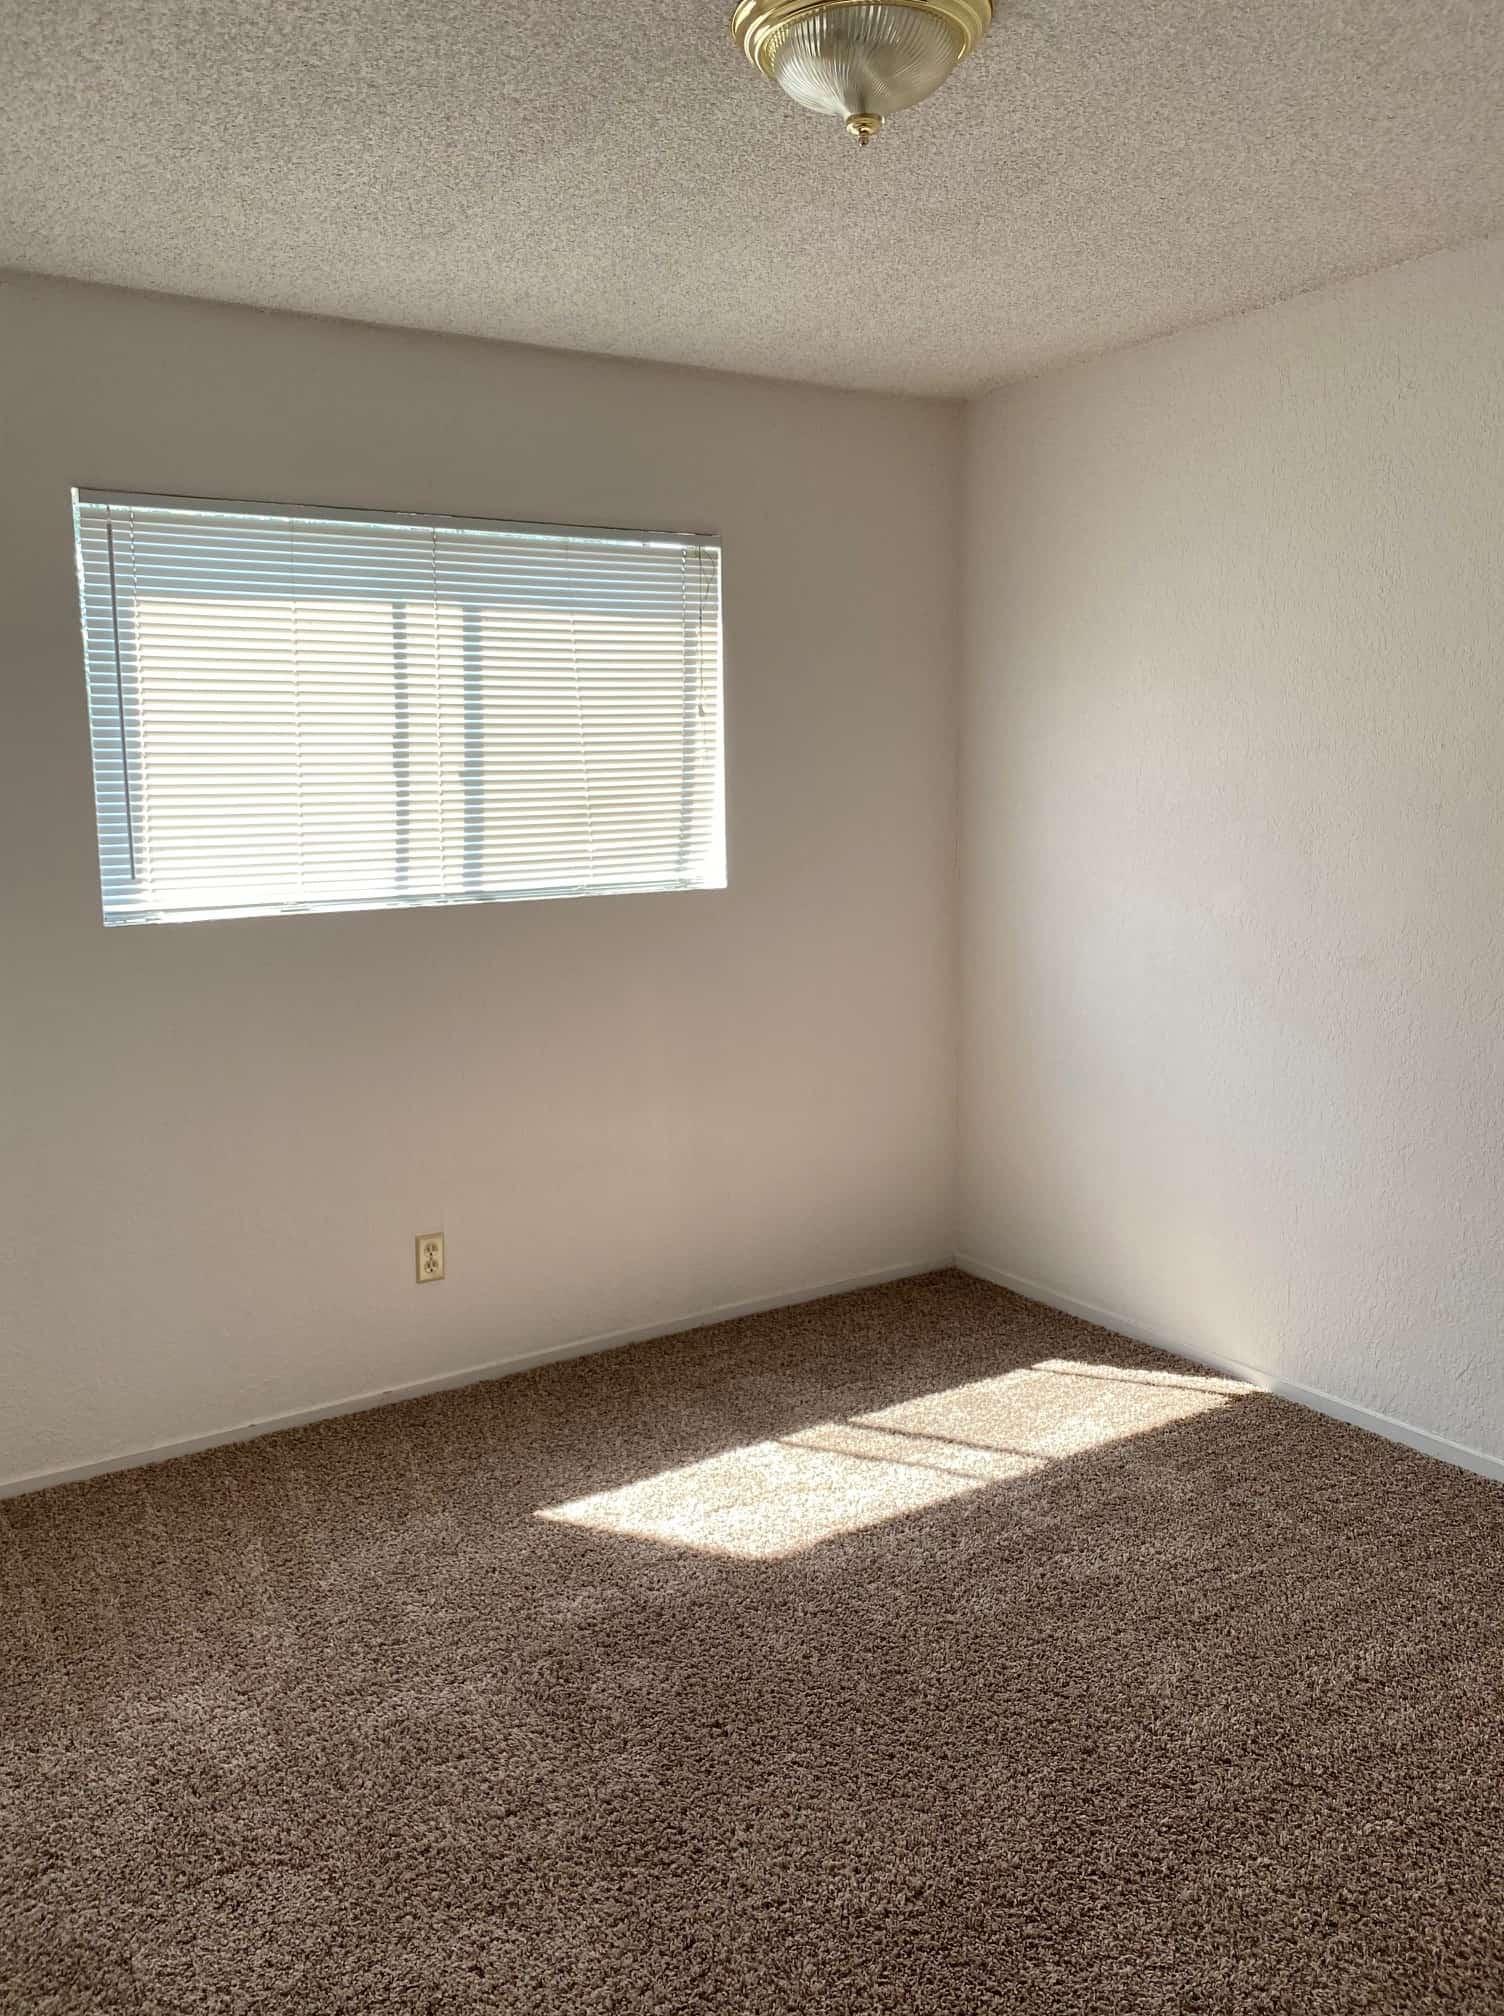 2801 Johnson #2 Right bedroom